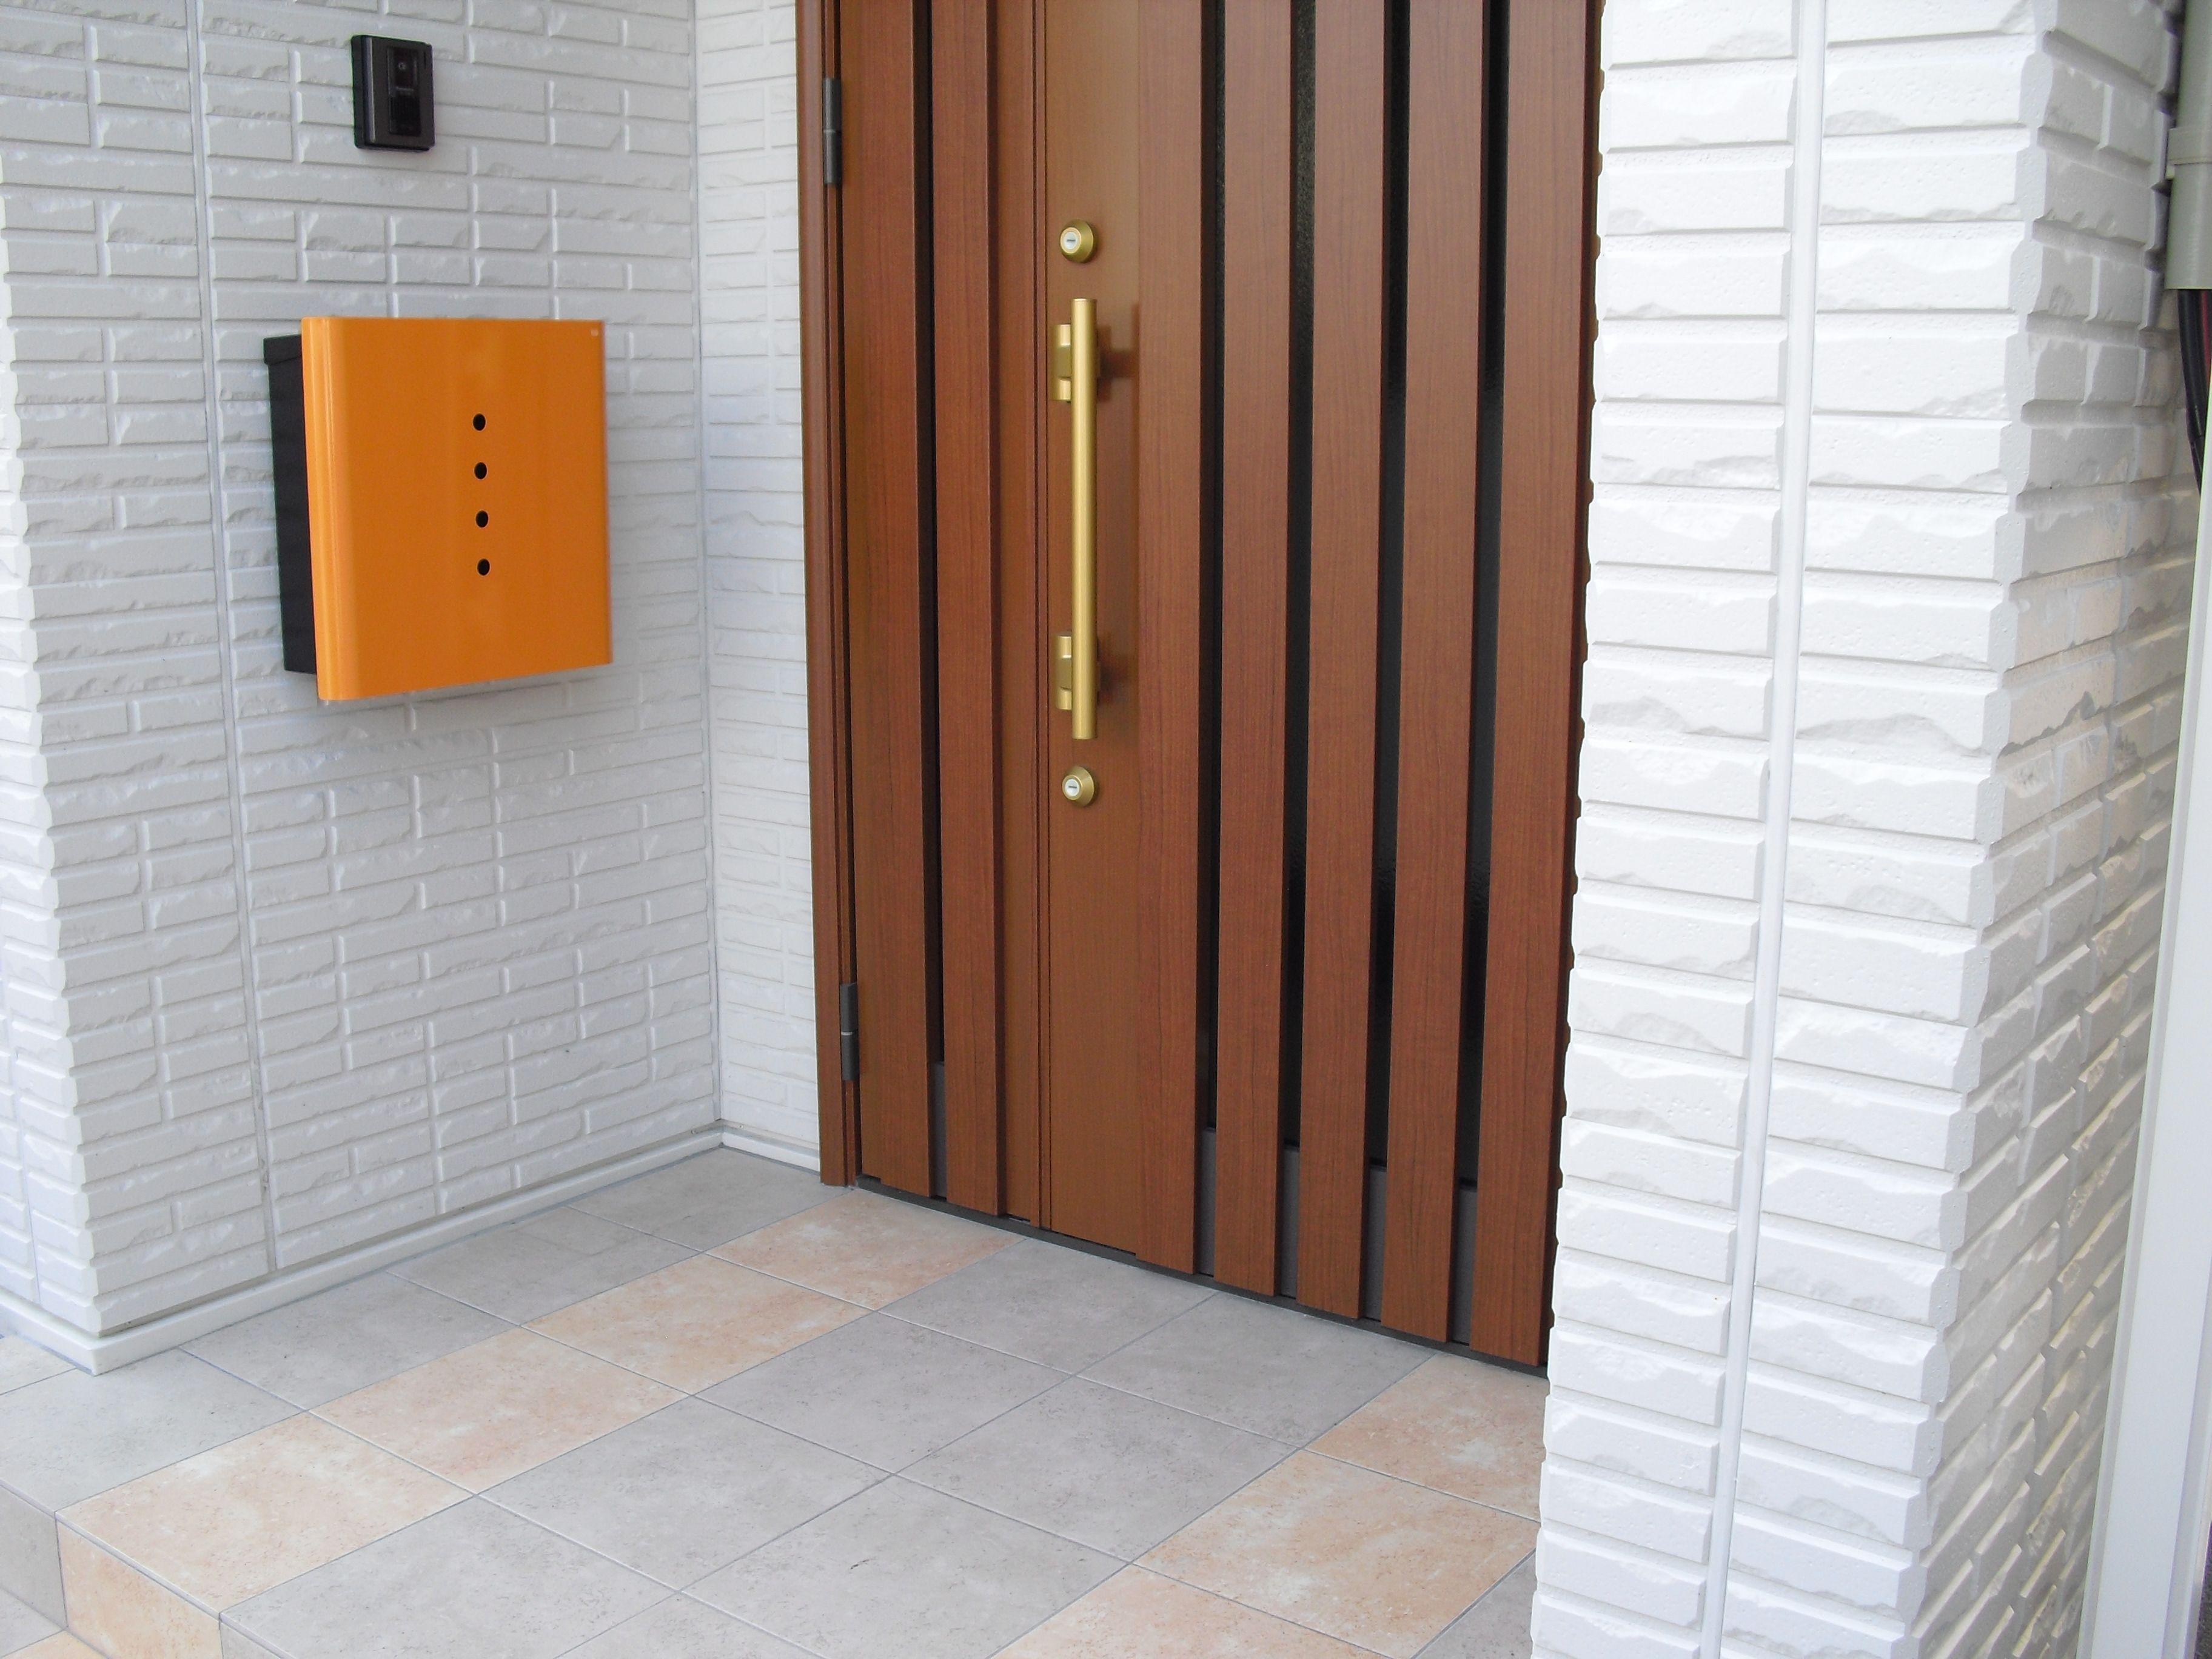 ヴァリオ ネオ アルファ 鍵なし オレンジ Na1 On01or 2020 玄関 リフォーム ポスト 郵便受け 玄関